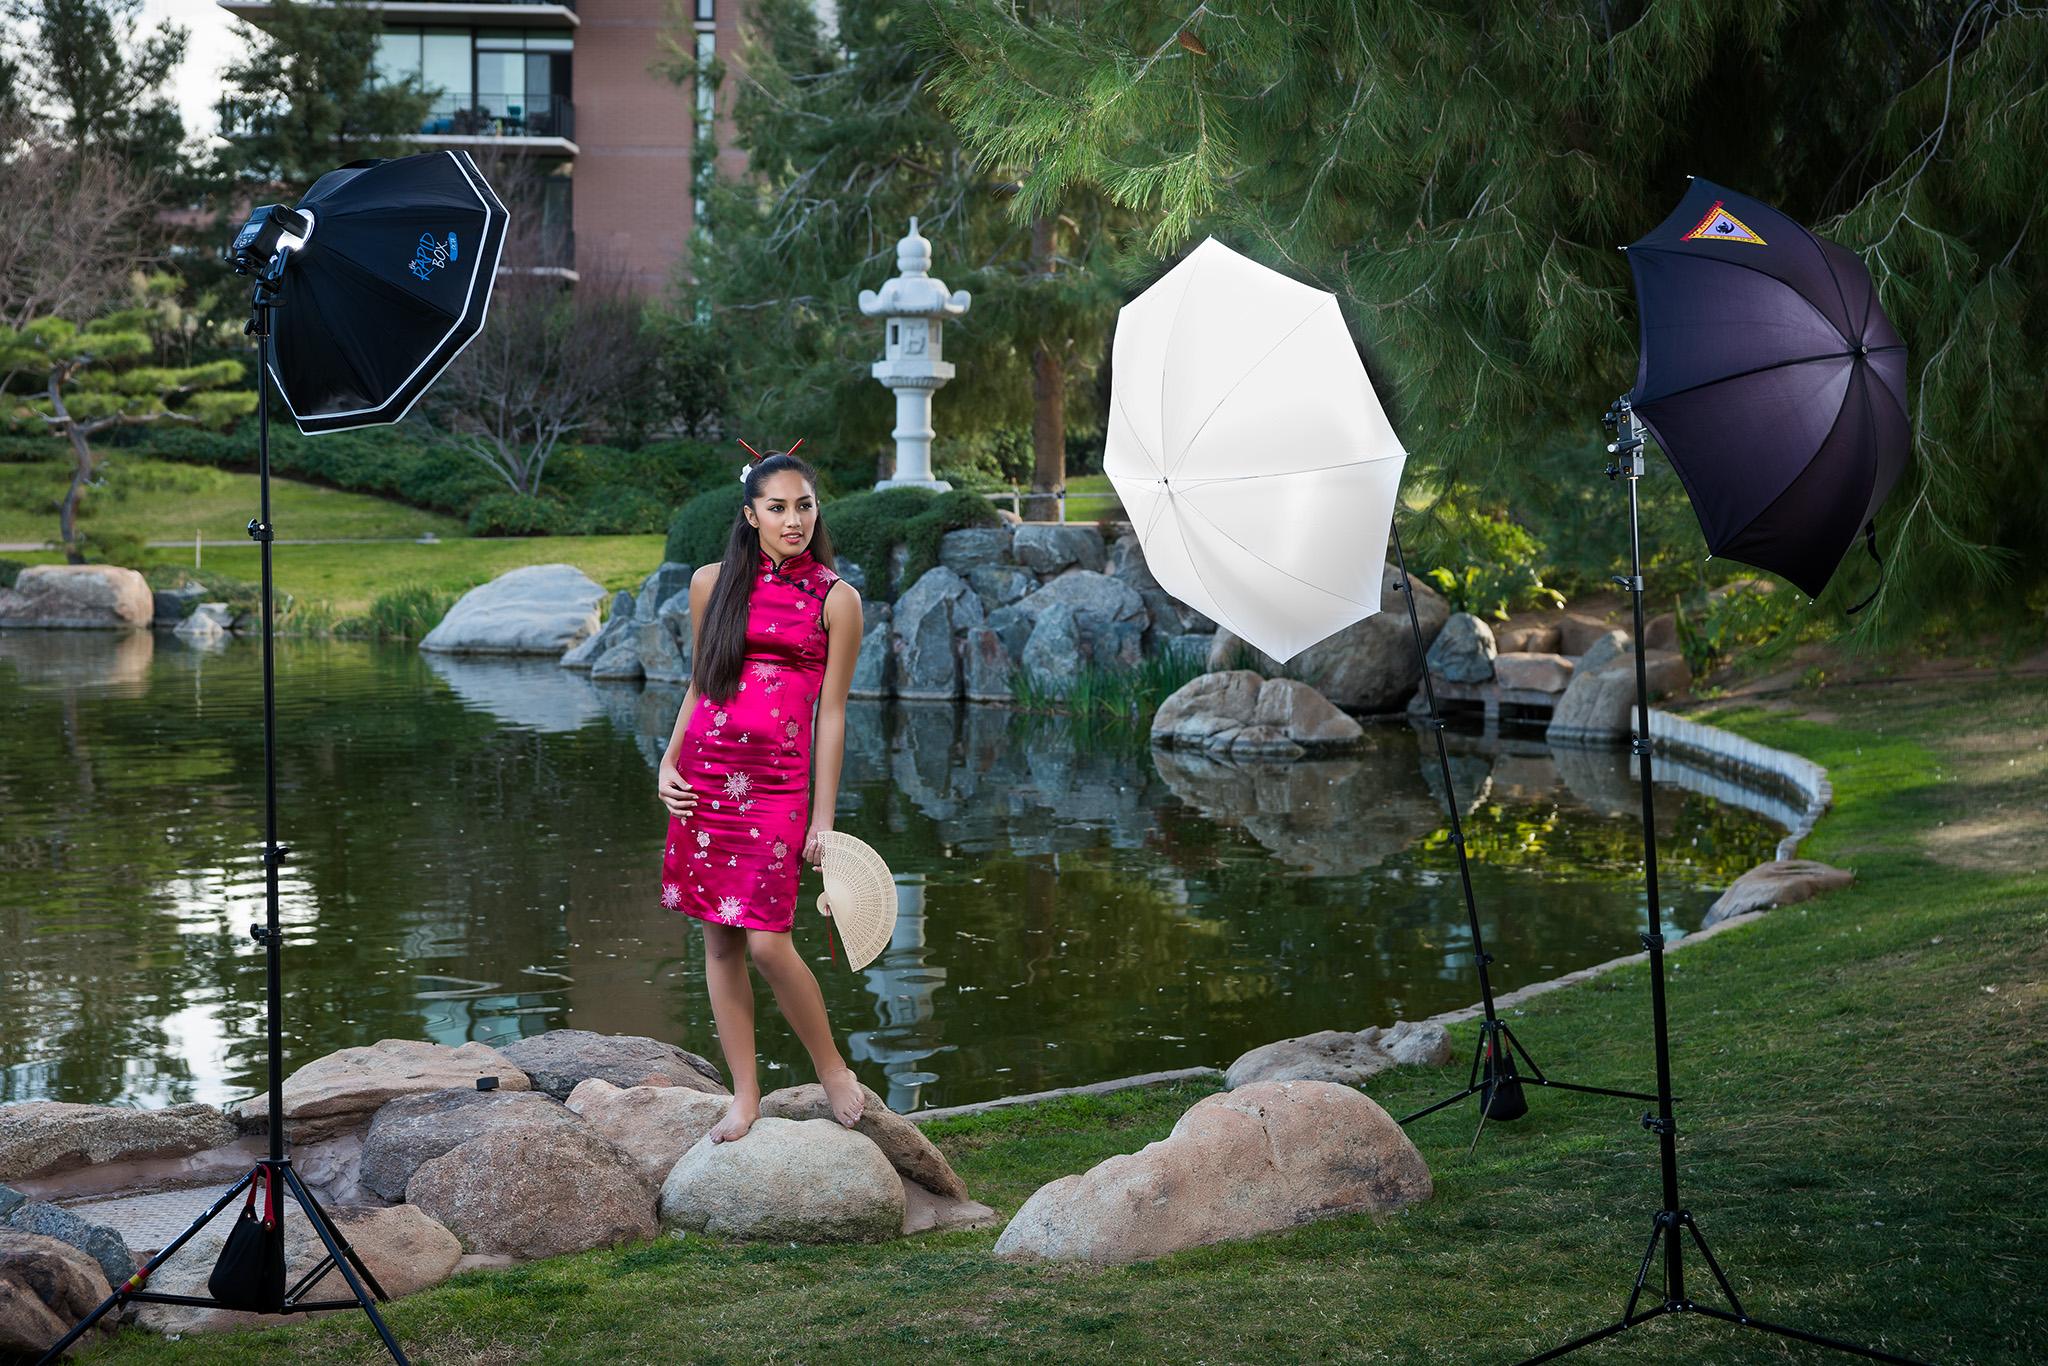 Gabrielle Arcilla strikes up an alluring pose at the Japanese Friendship Garden in Phoenix, Arizona